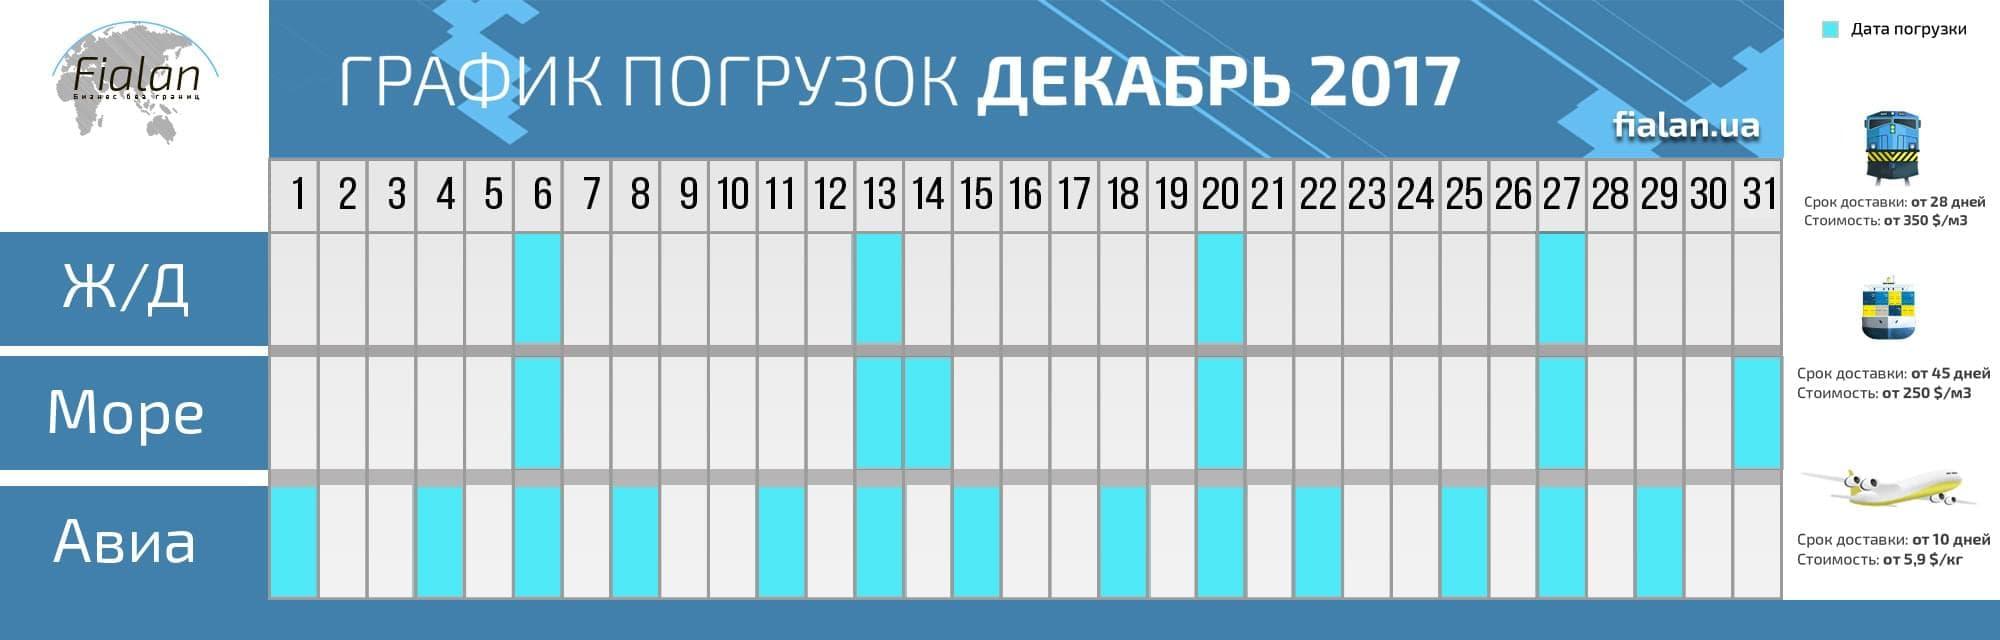 december_2000x600_UA1